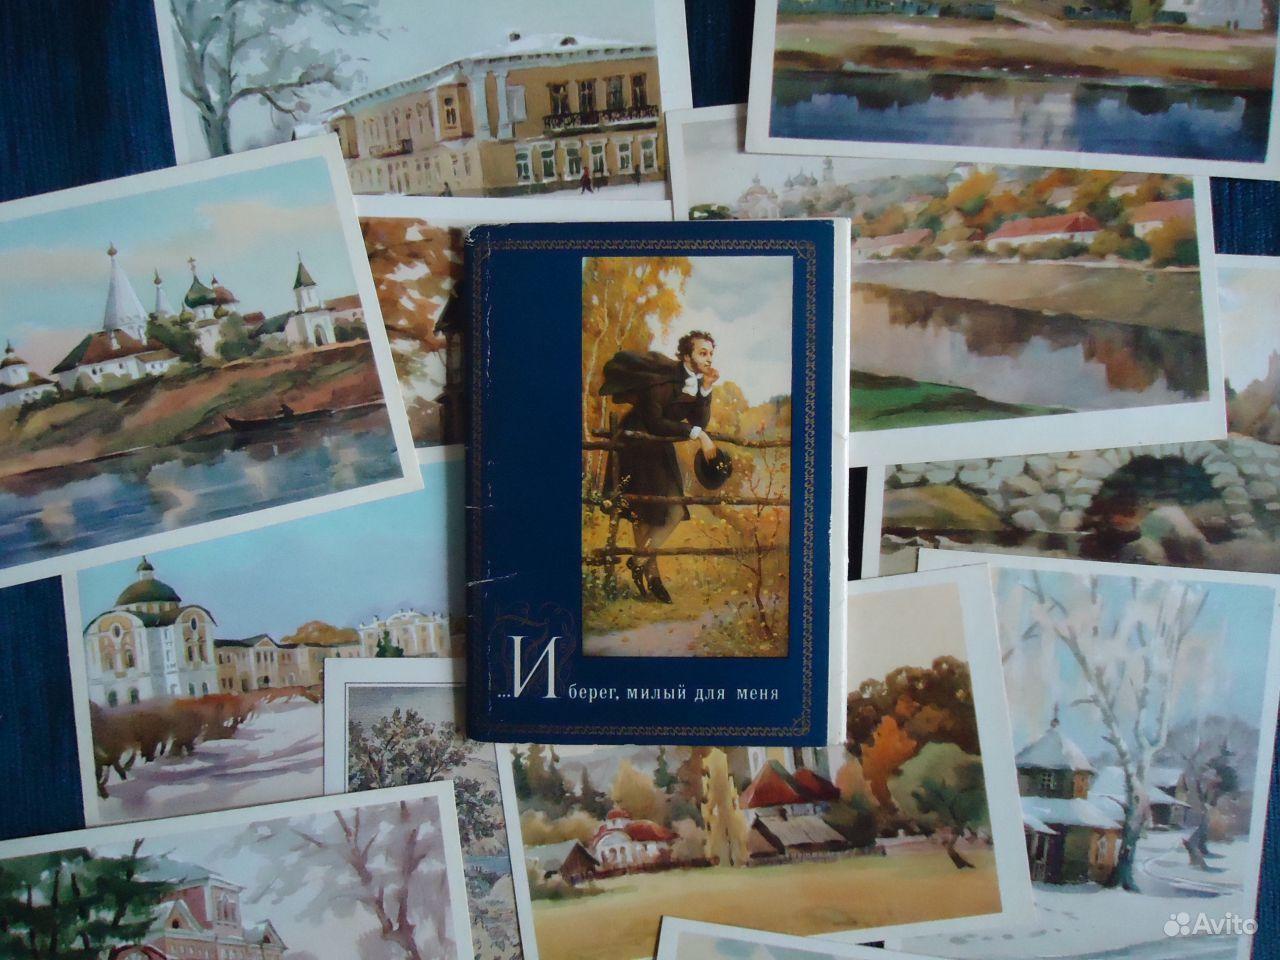 Класс прикольные, старинные открытки в новосибирске